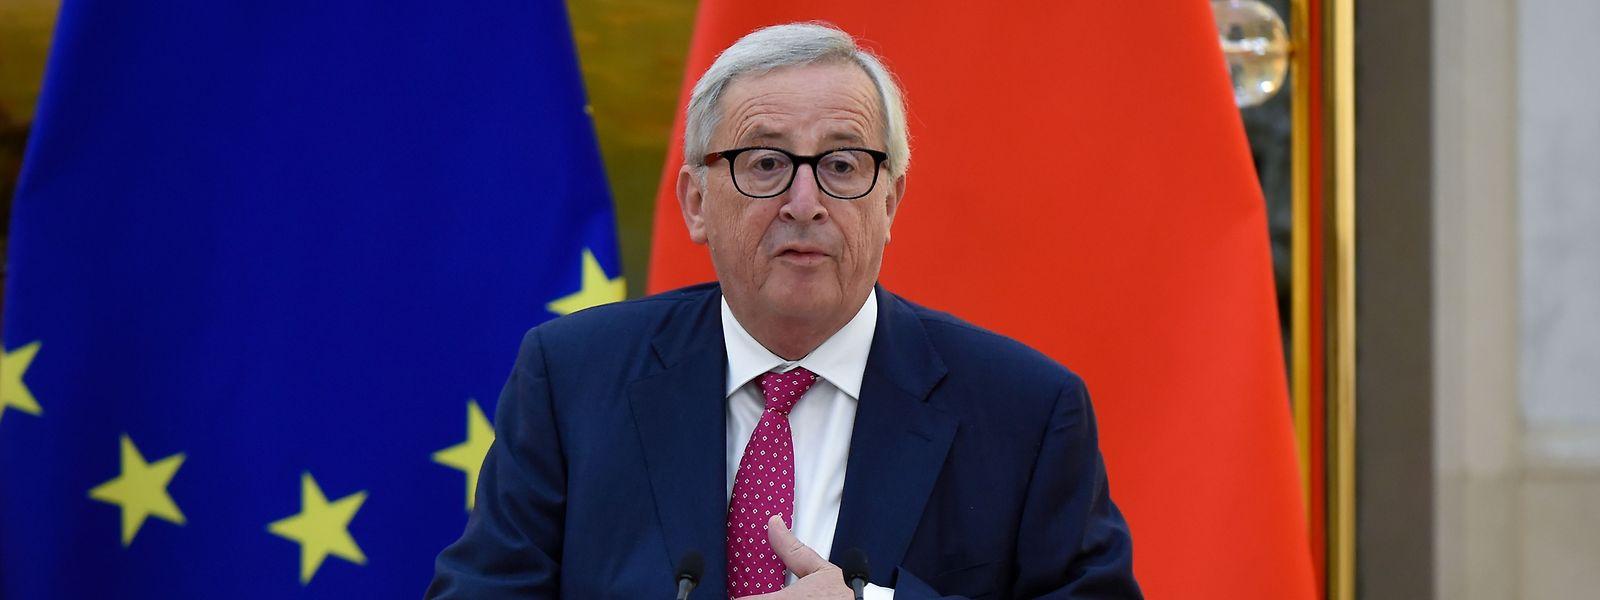 Juncker sieht keinen Grund für einen Rücktritt.